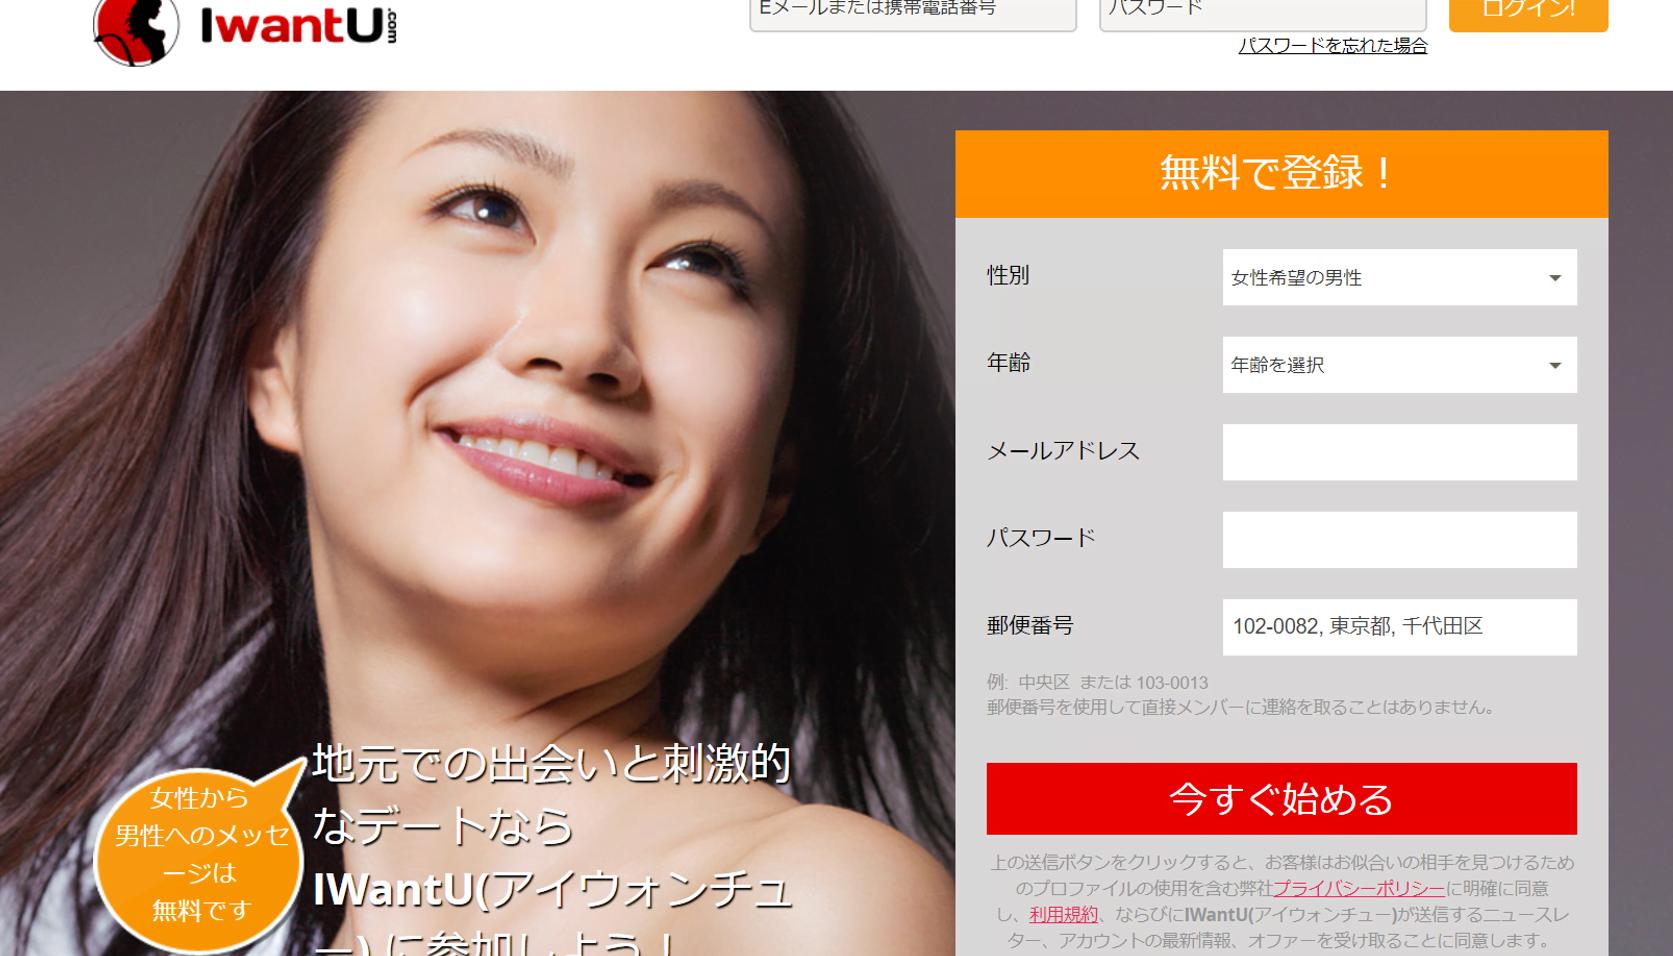 iwantu.comの口コミ評判・評価、安全な退会方法